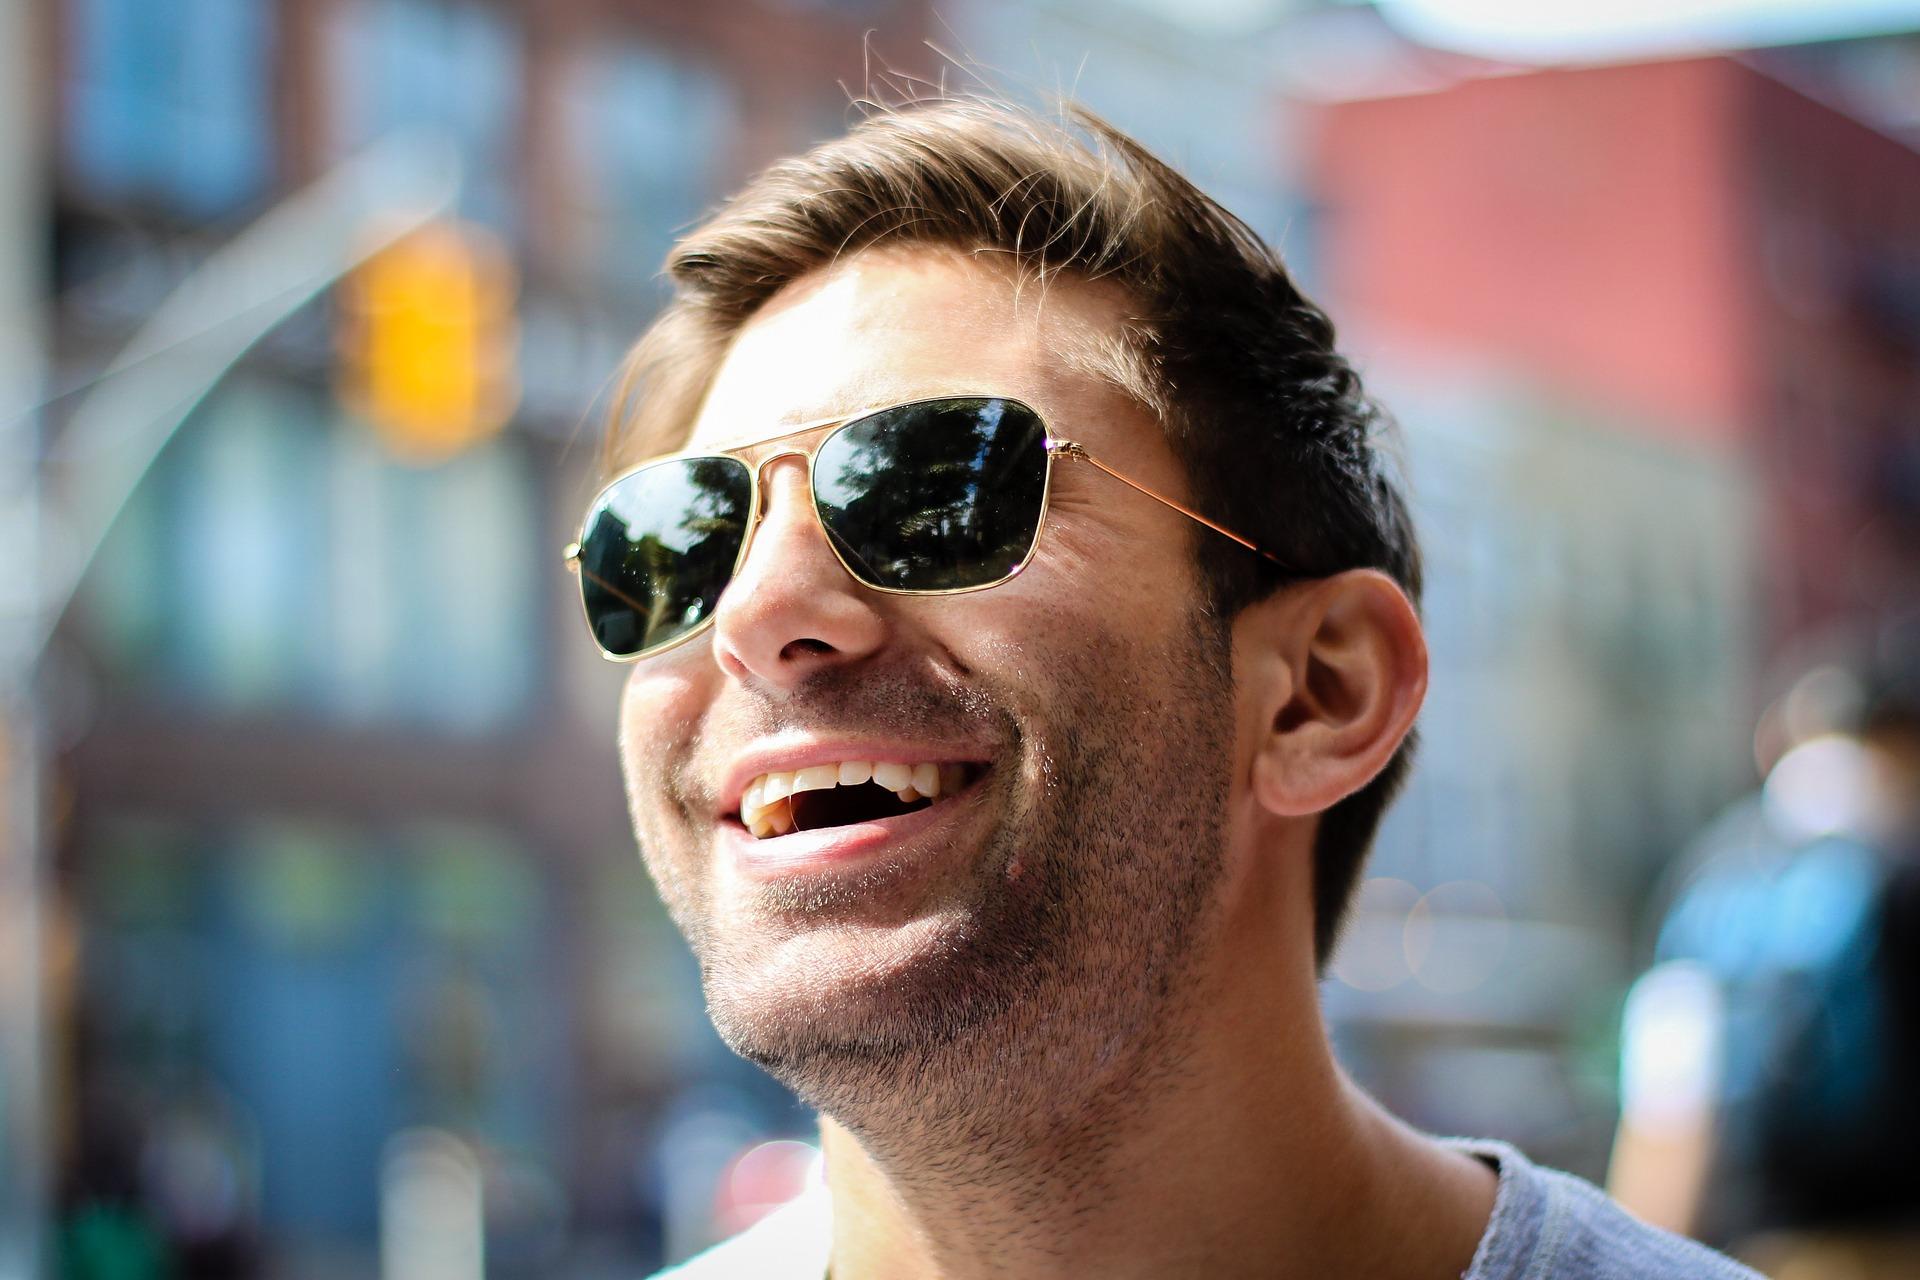 Πόσο επικίνδυνος είναι ο ήλιος για τα μάτια;